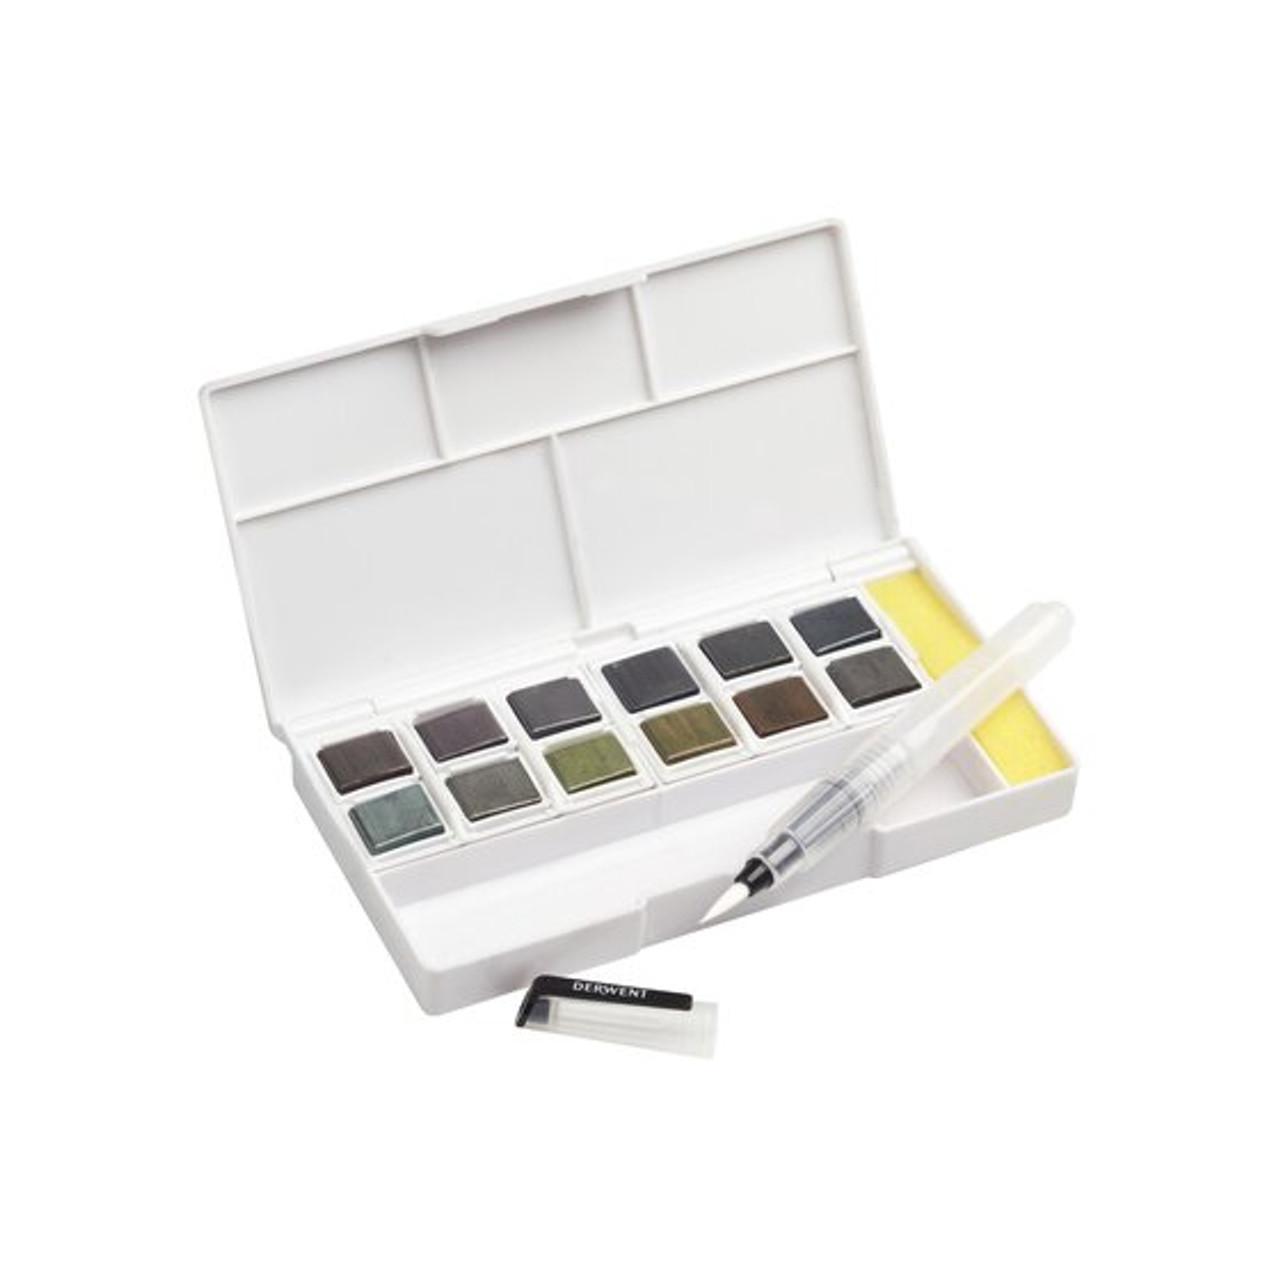 Derwent Graphitint Watercolor Paint 12-pan Set